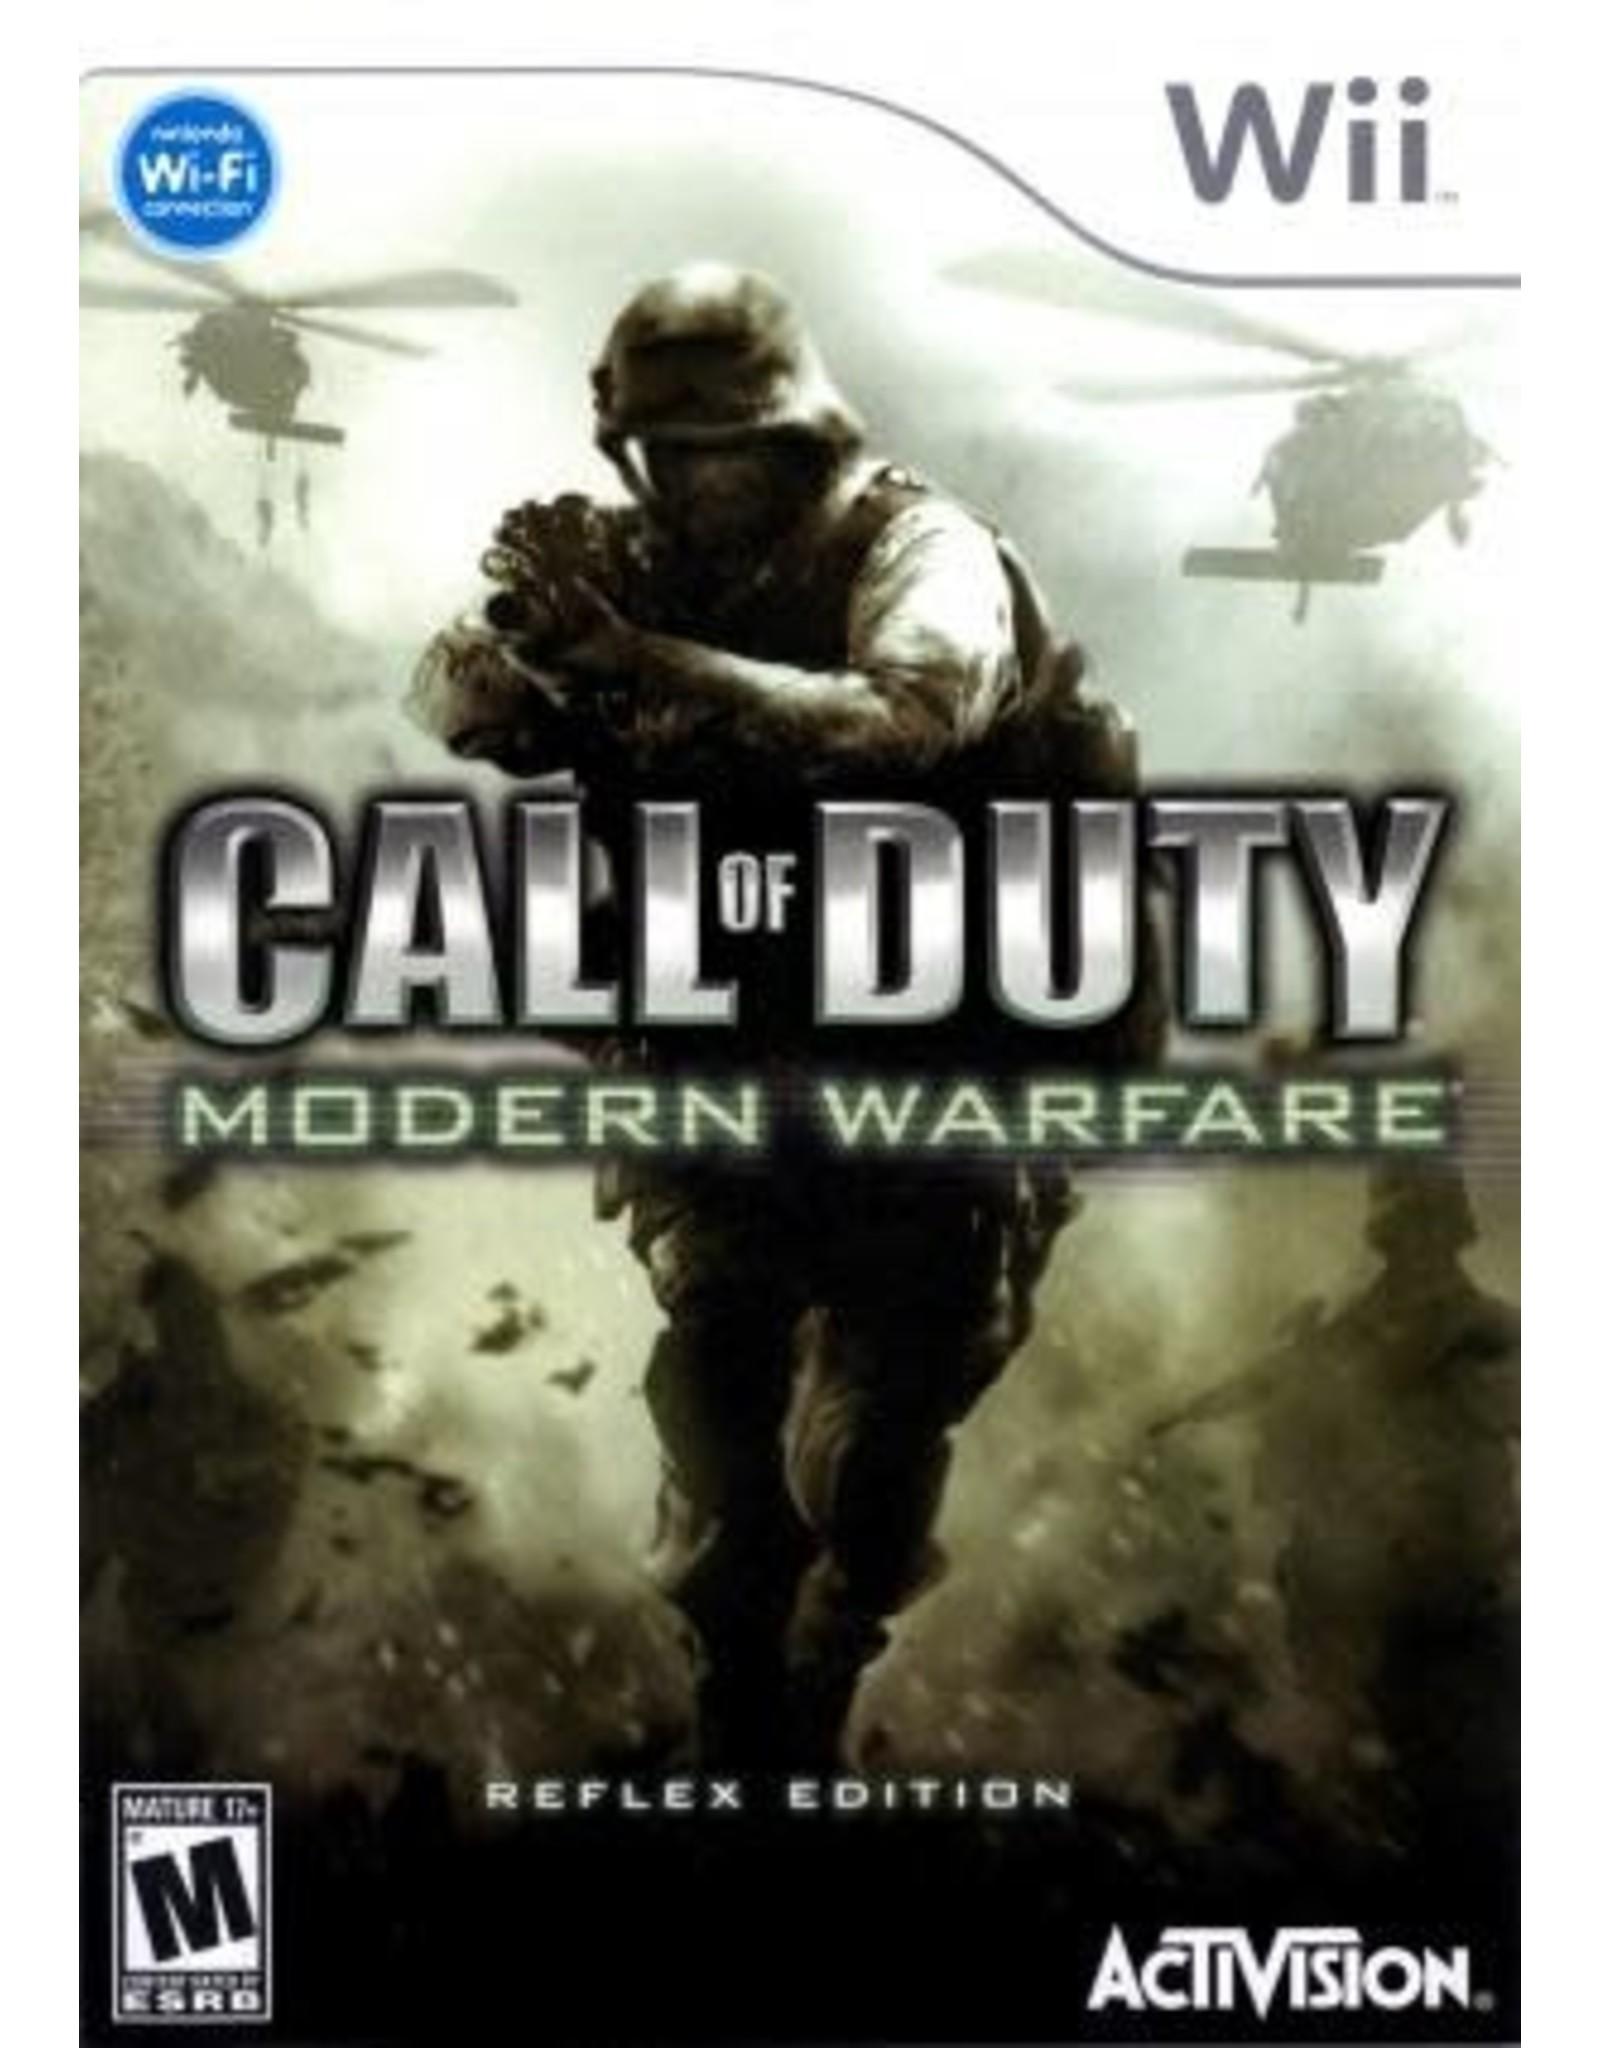 Wii Call of Duty Modern Warfare Reflex Edition (CiB)